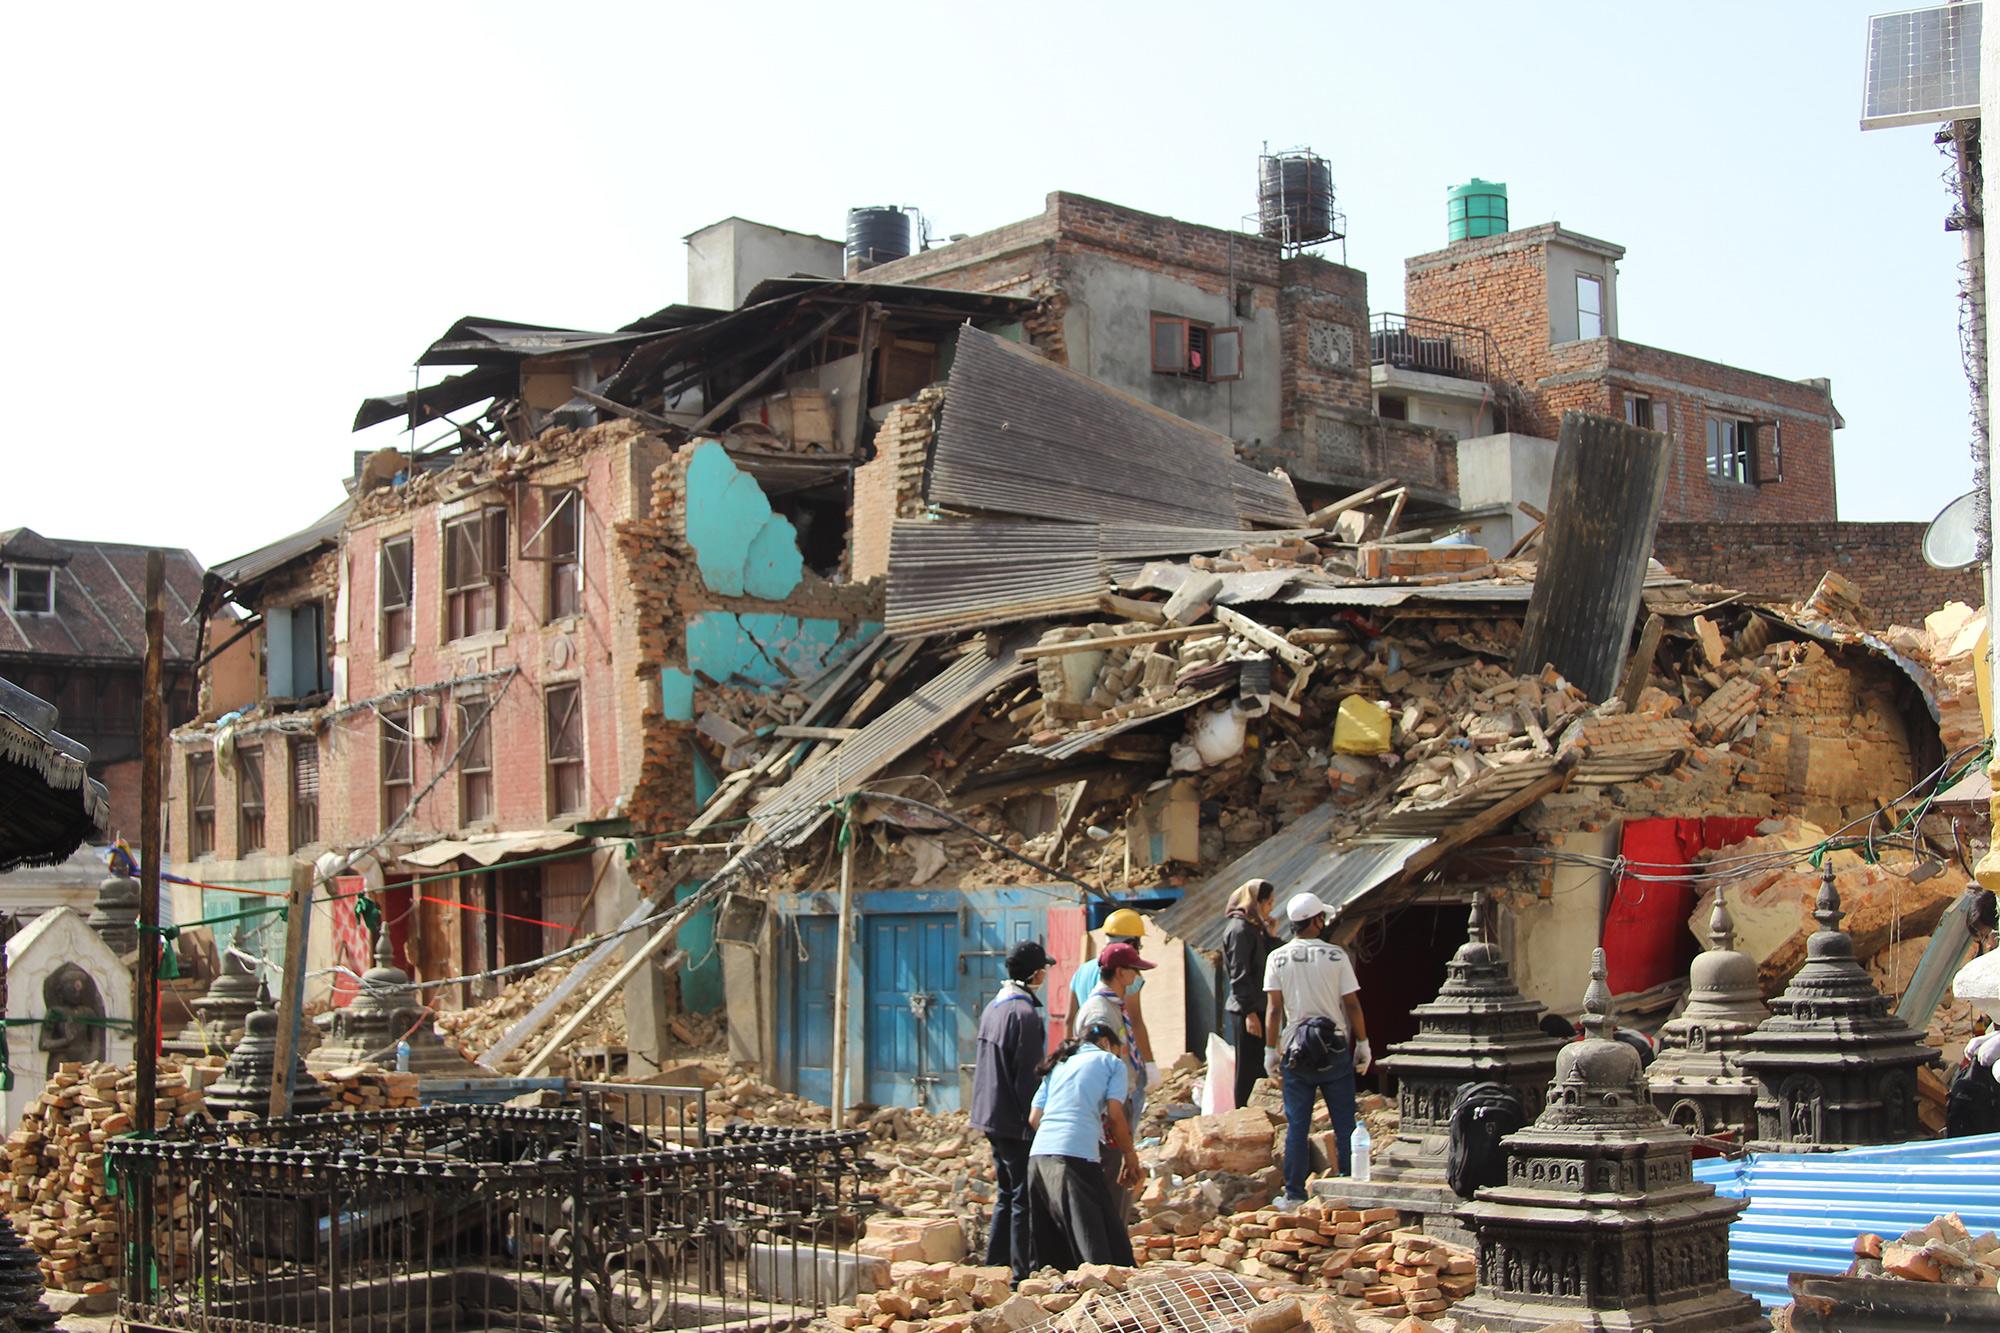 काठमाडौँका गल्लीमा हिँडिरहँदा भूकम्प आयो भने के गर्ने : किन सेलायो भूकम्प सुरक्षाका बहस?